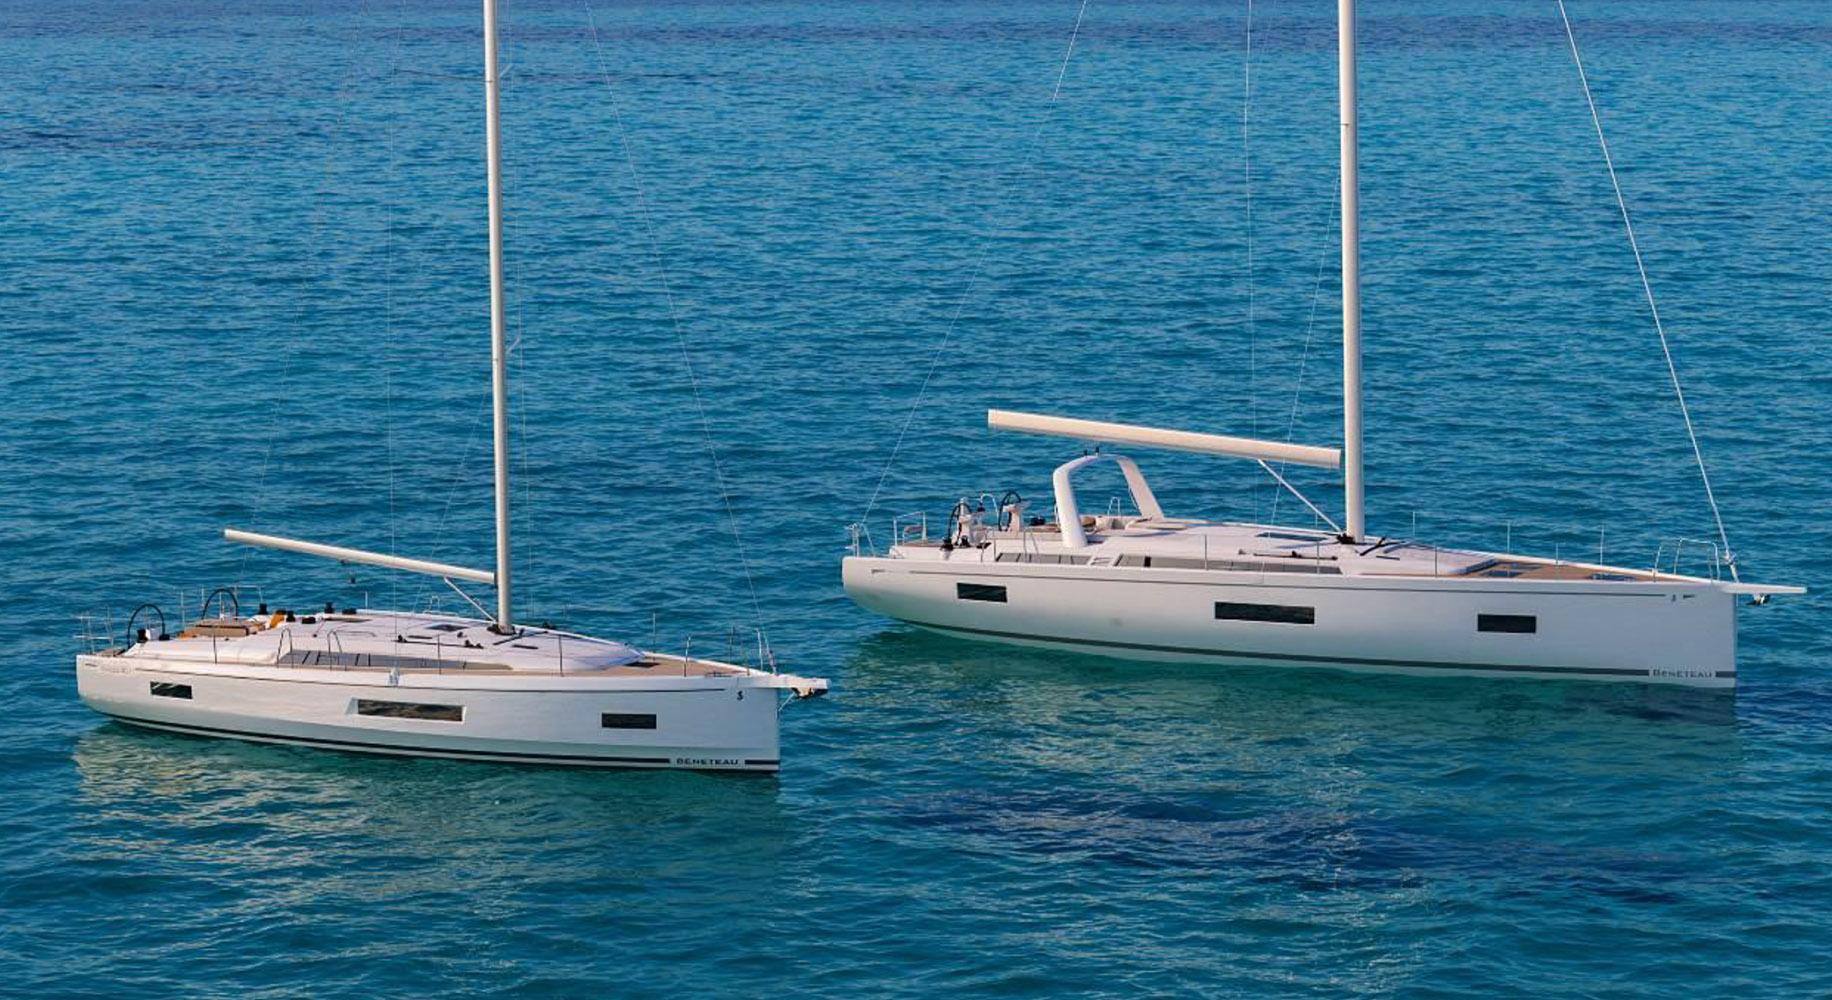 Oceanis 40.1 and Oceanis Yacht 54